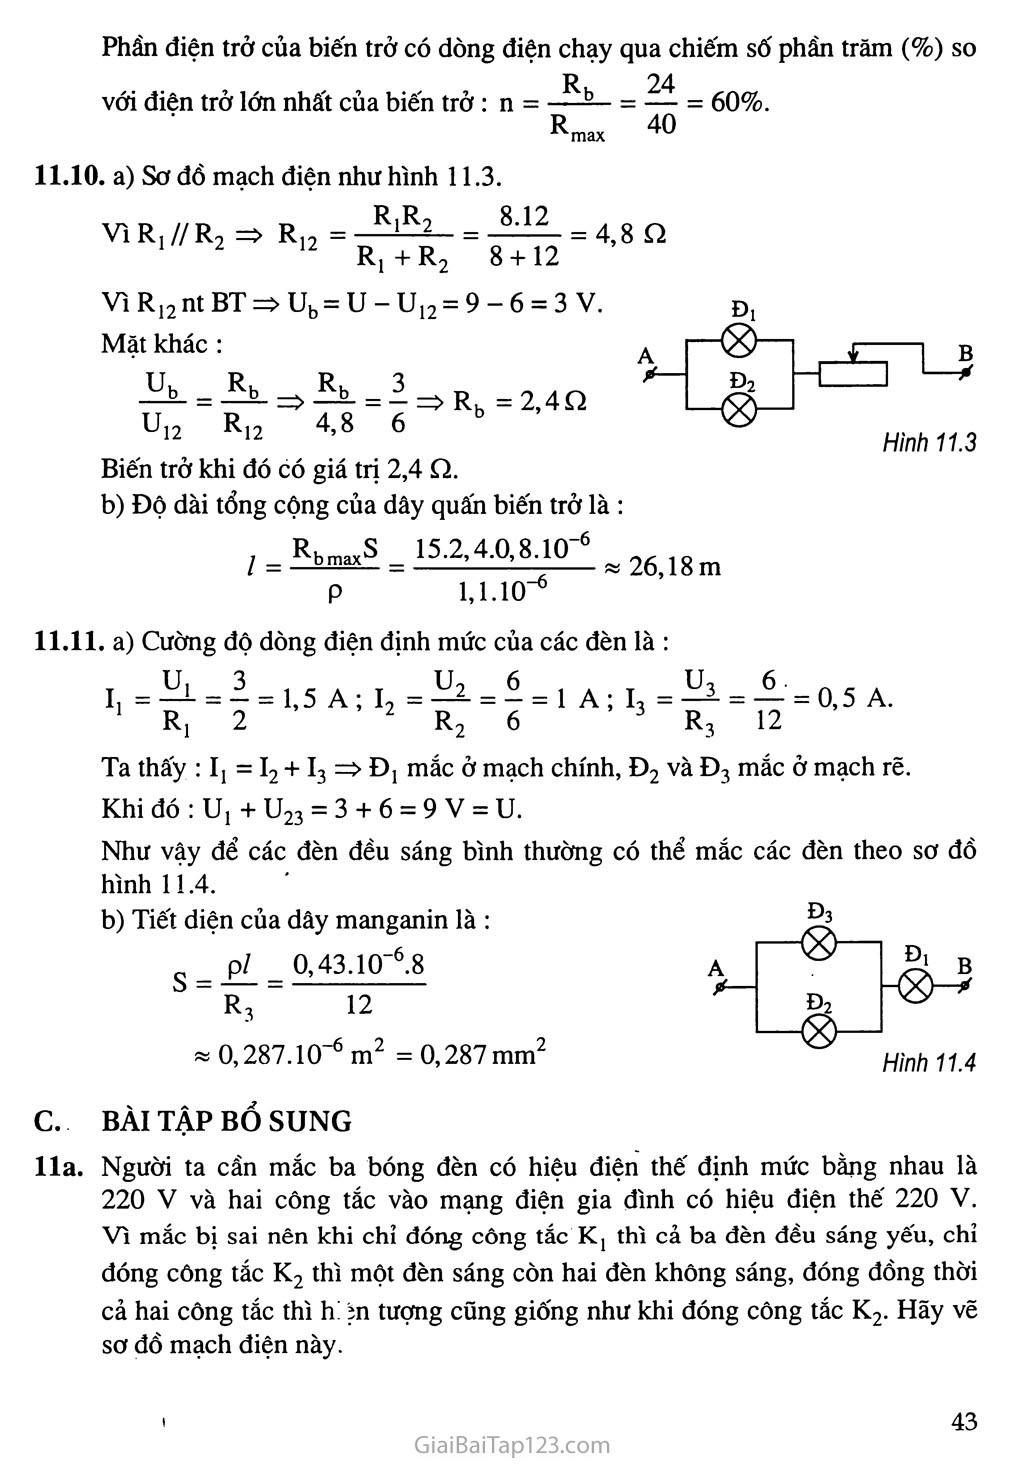 Bài 11: Bài tập vận dụng định luật Ôm và công thức tính điện trở của dây dẫn trang 5